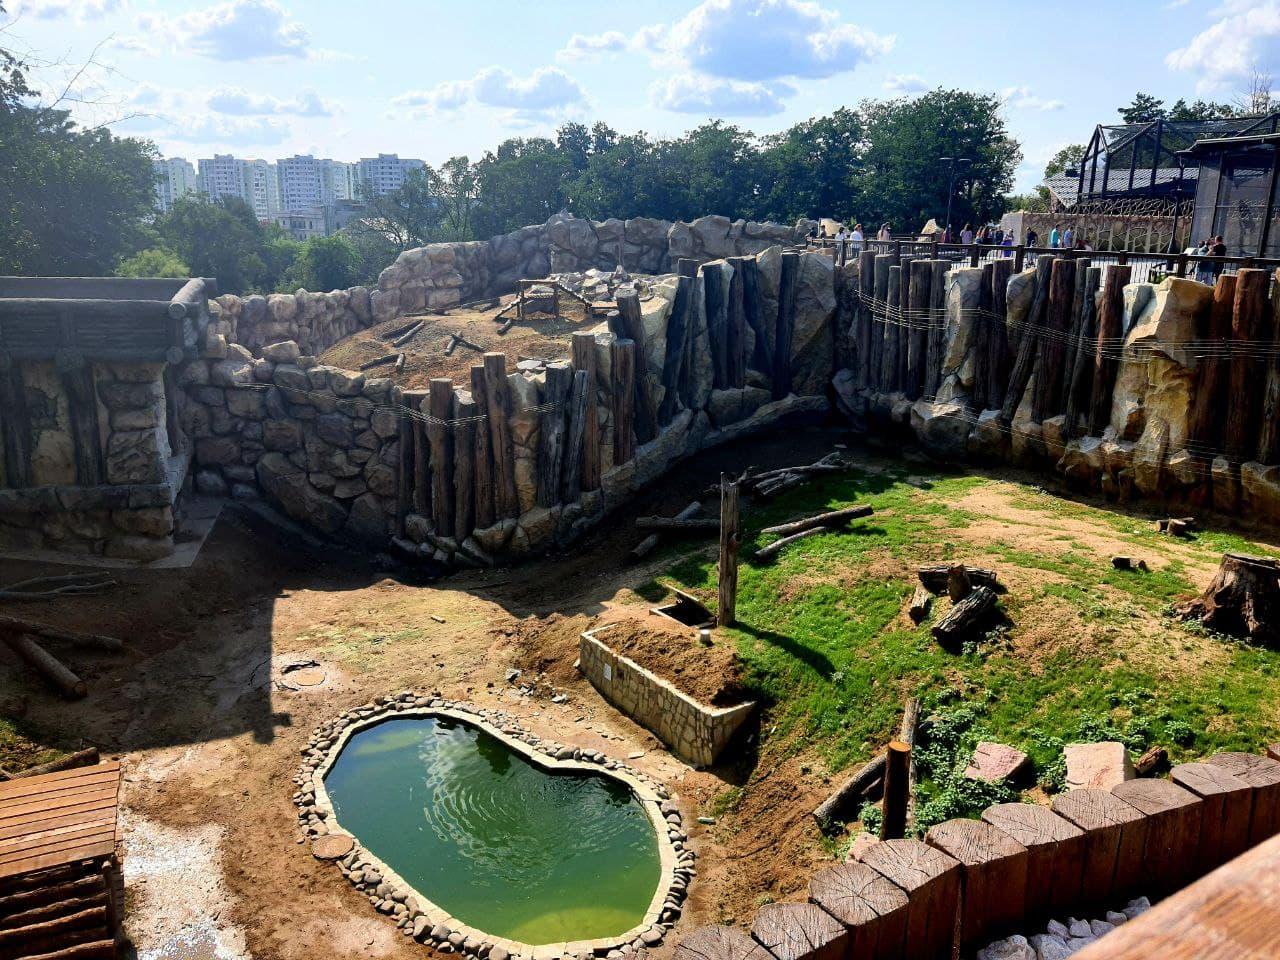 Смотри фото и видео: в Харькове открыли зоопарк после реконструкции фото 5